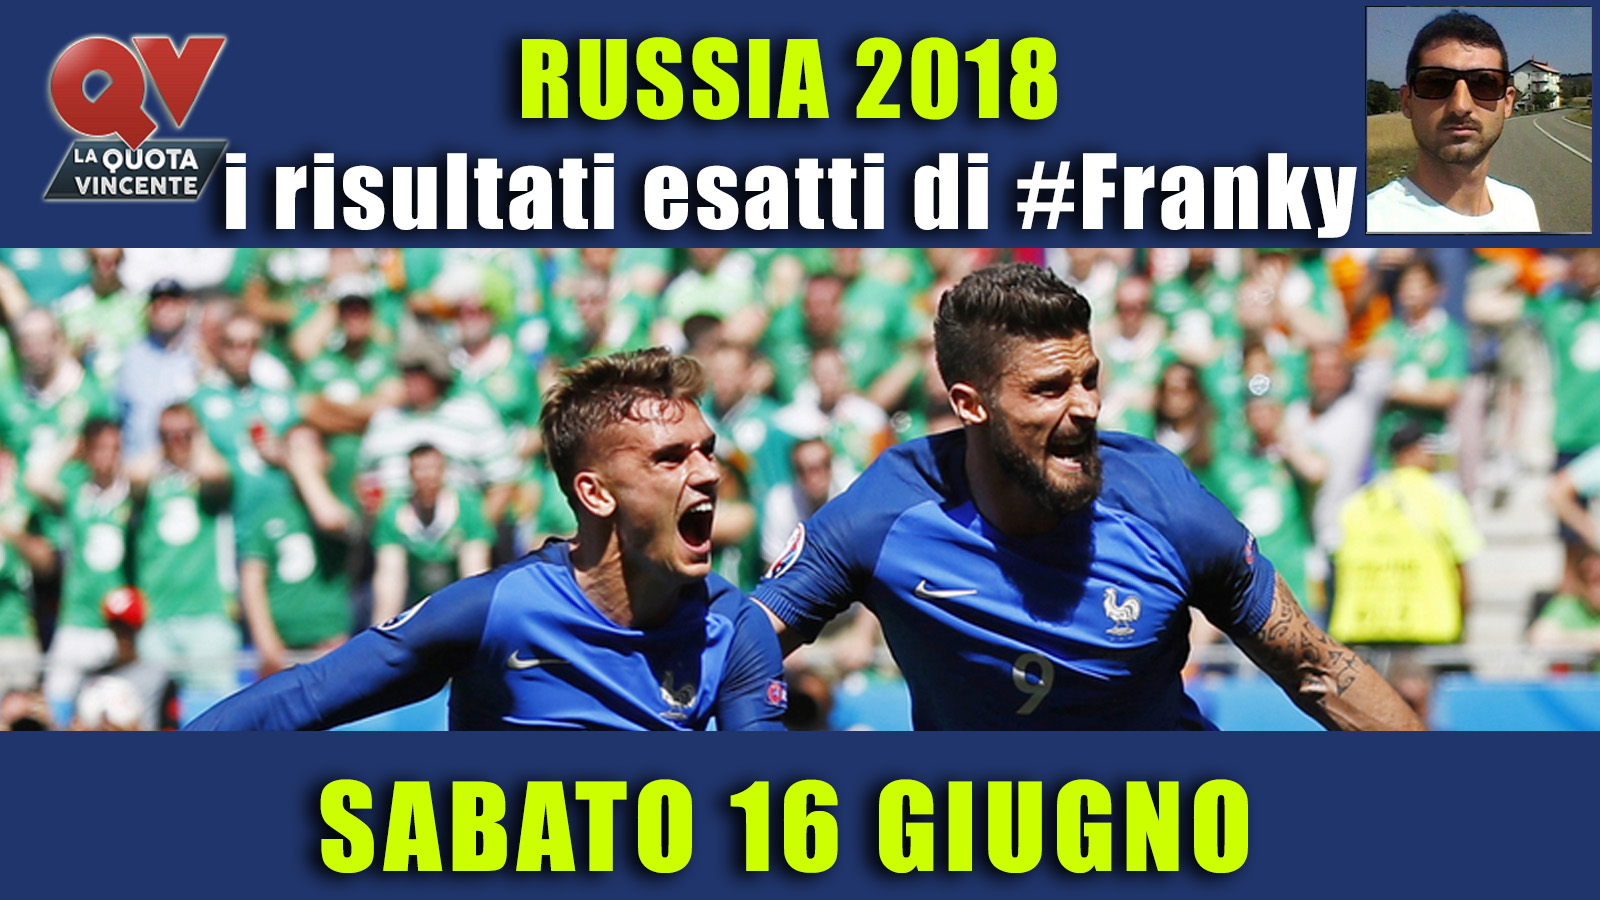 Pronostici risultati esatti Mondiali 16 giugno: le scelte di #FrankyDefa